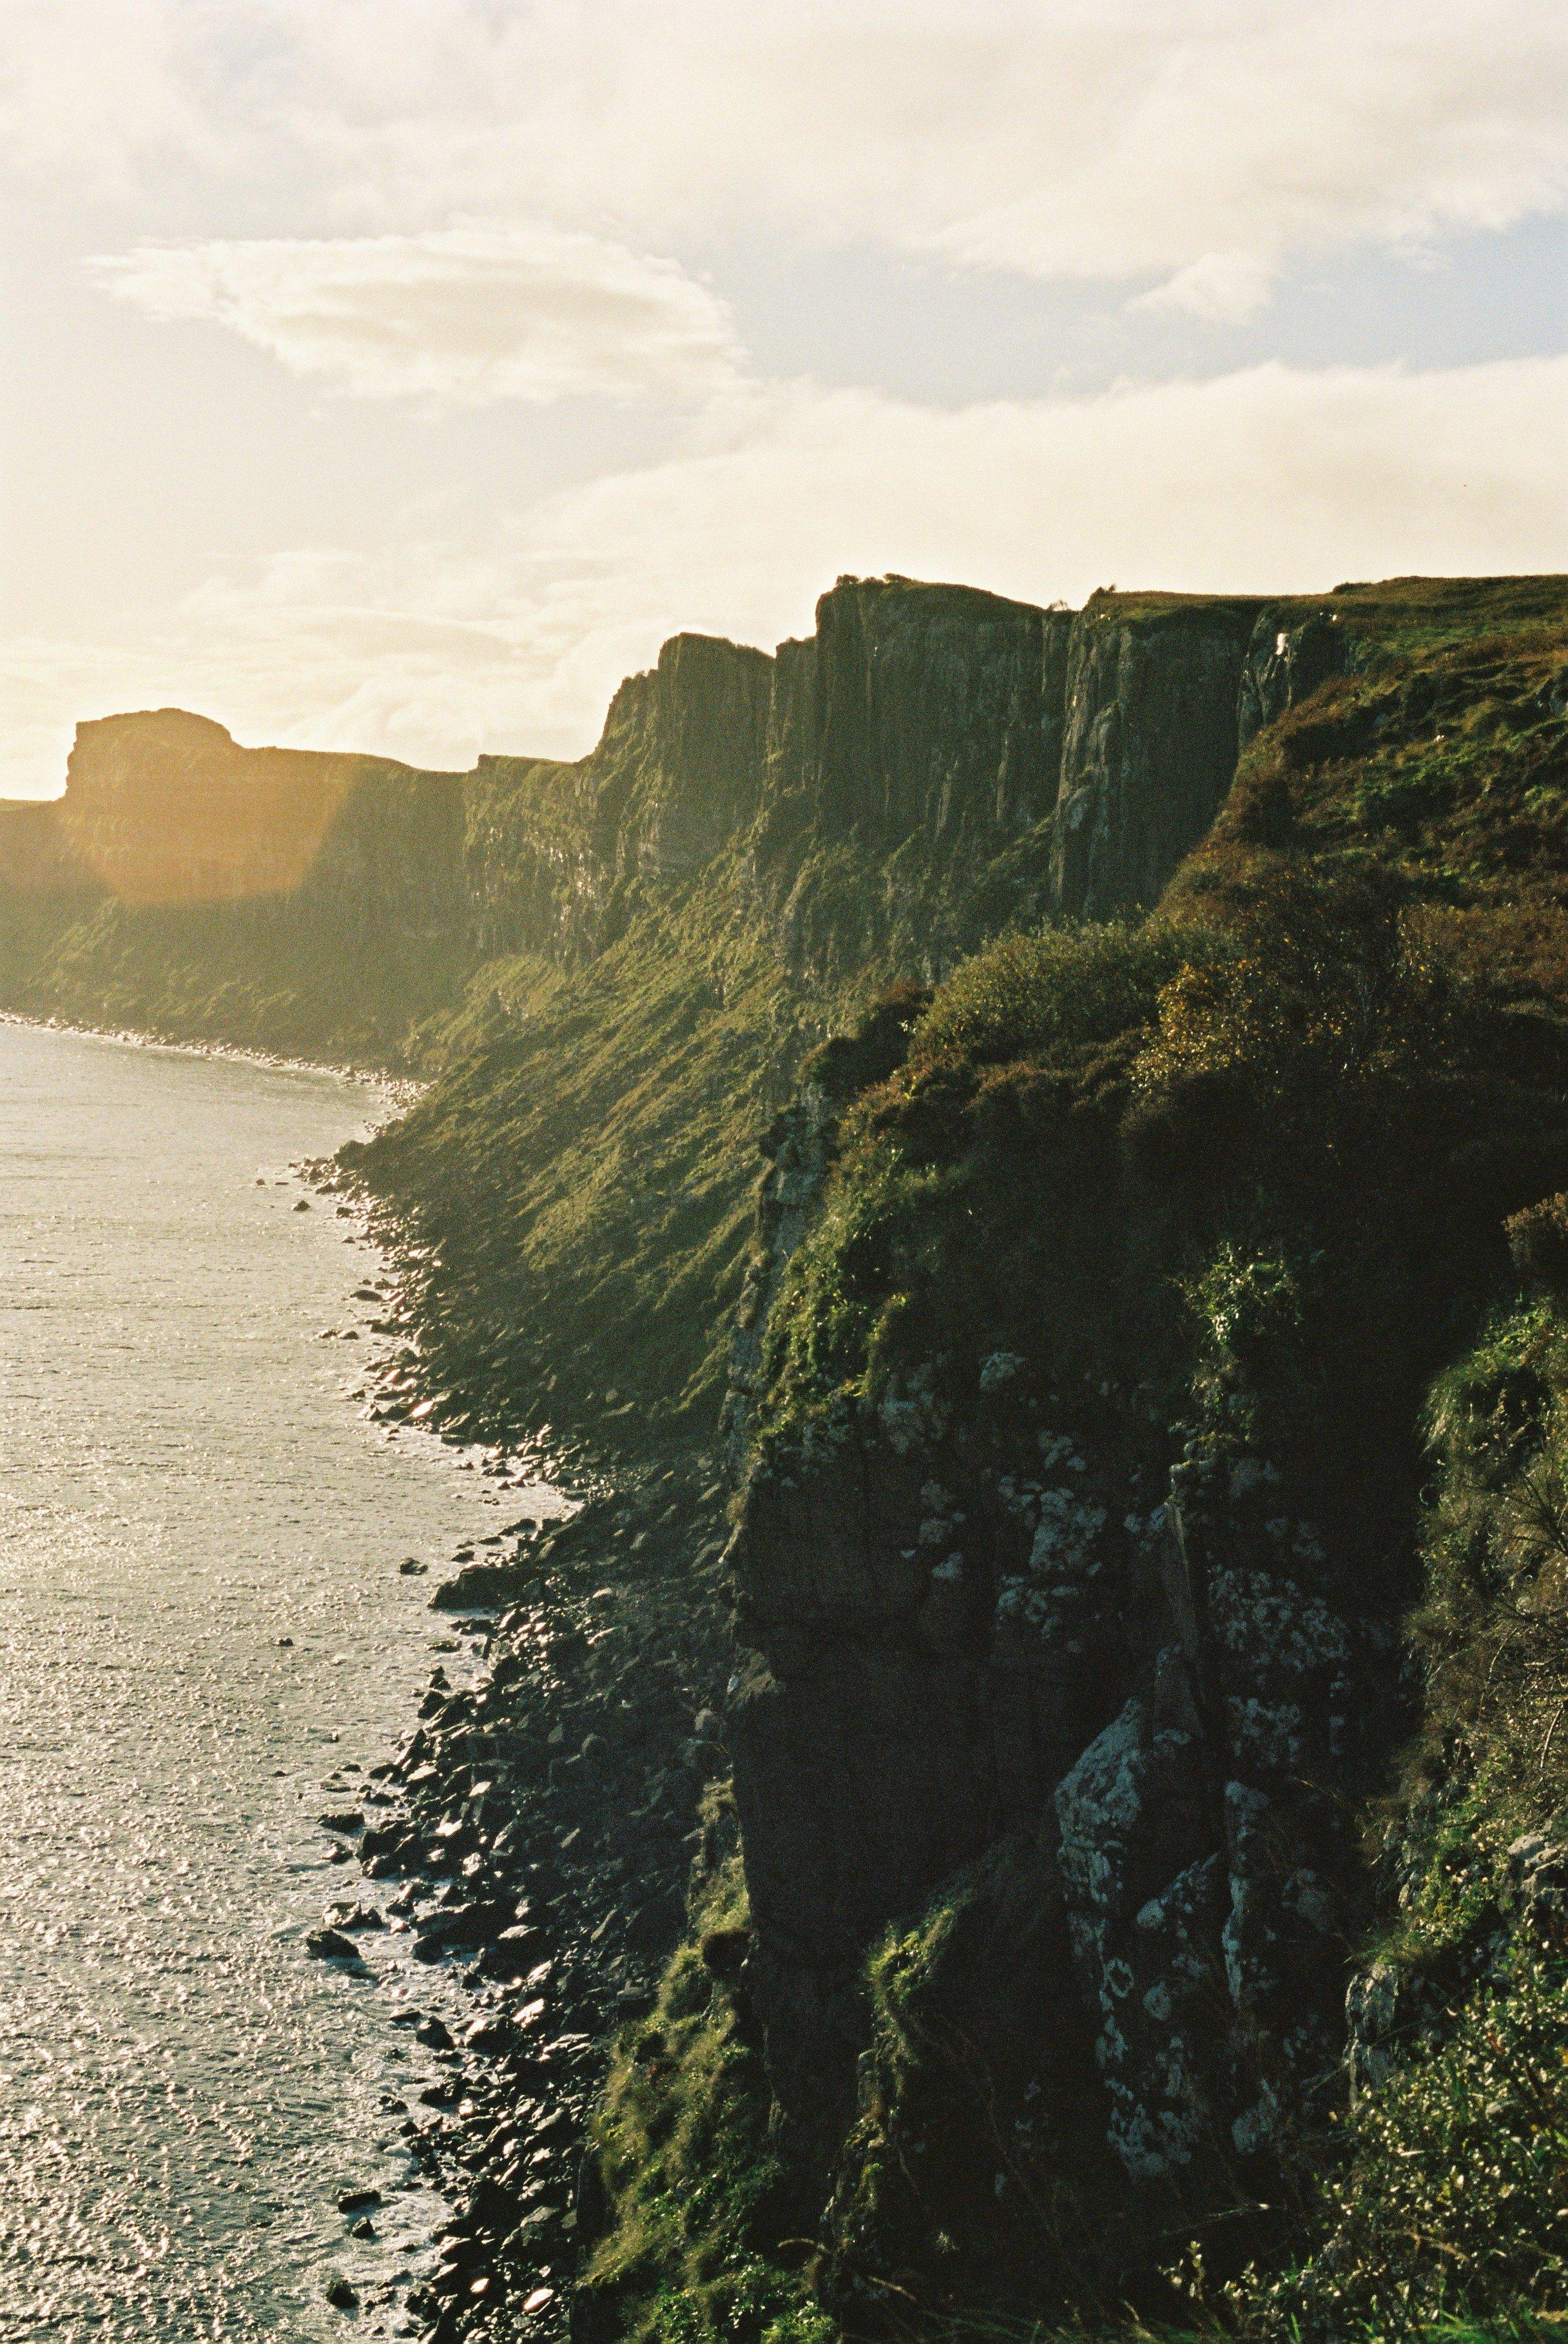 Cliffs at Mealt Falls.Kodak color film, Olympus OM2